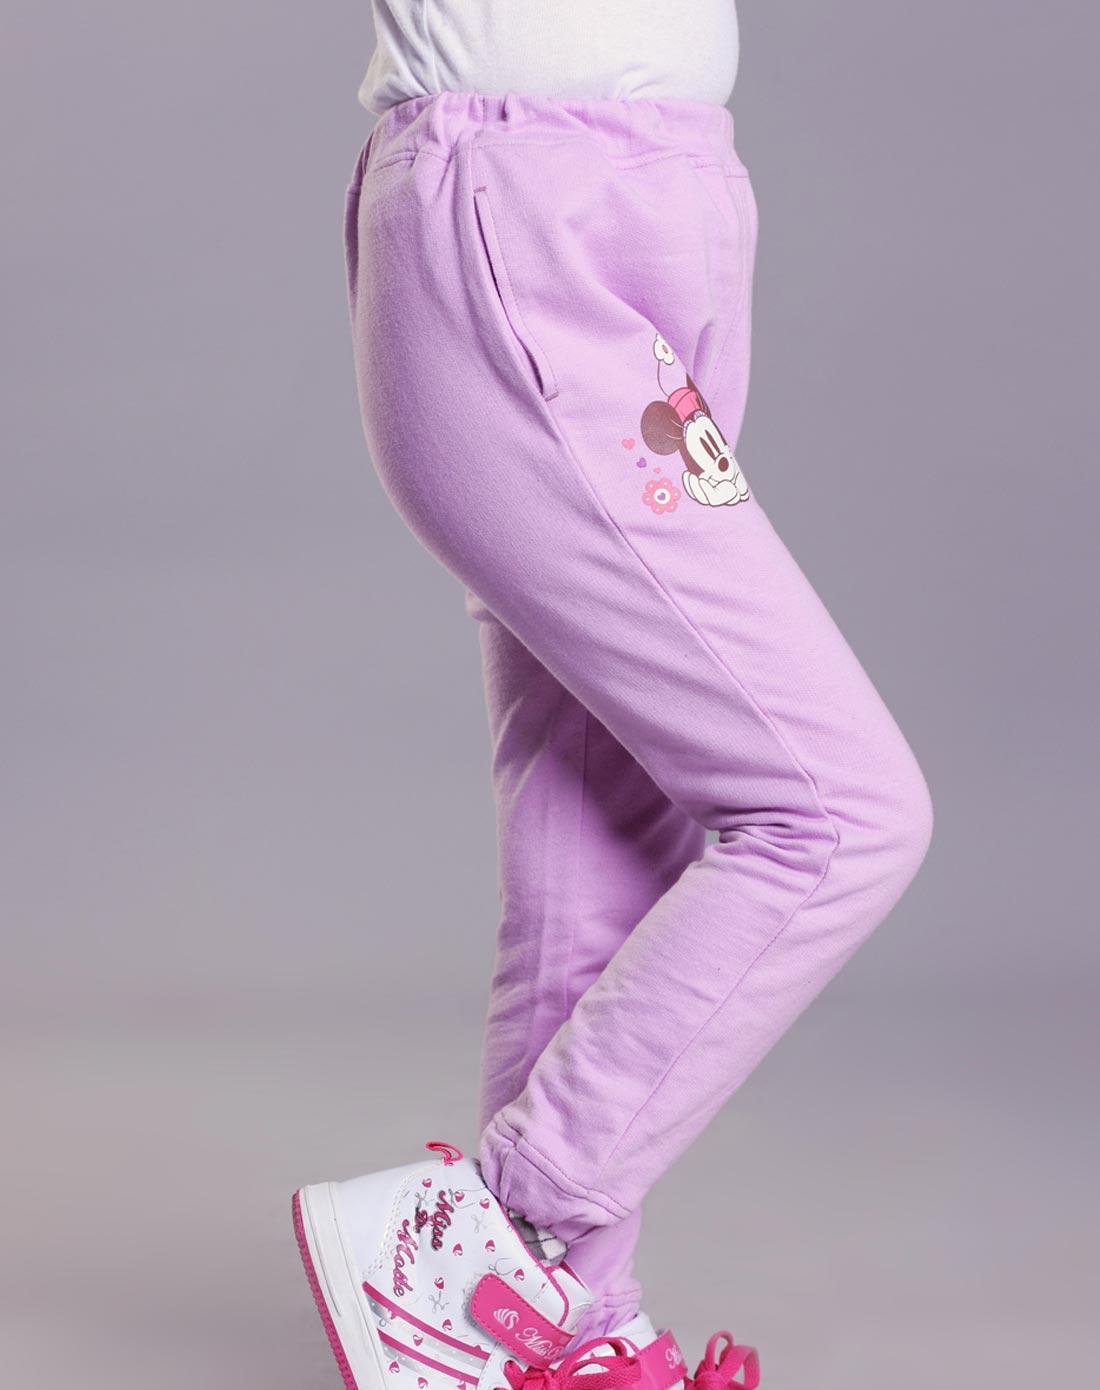 绿盒子greenbox迪士尼系列女童紫色裤子nq30401625